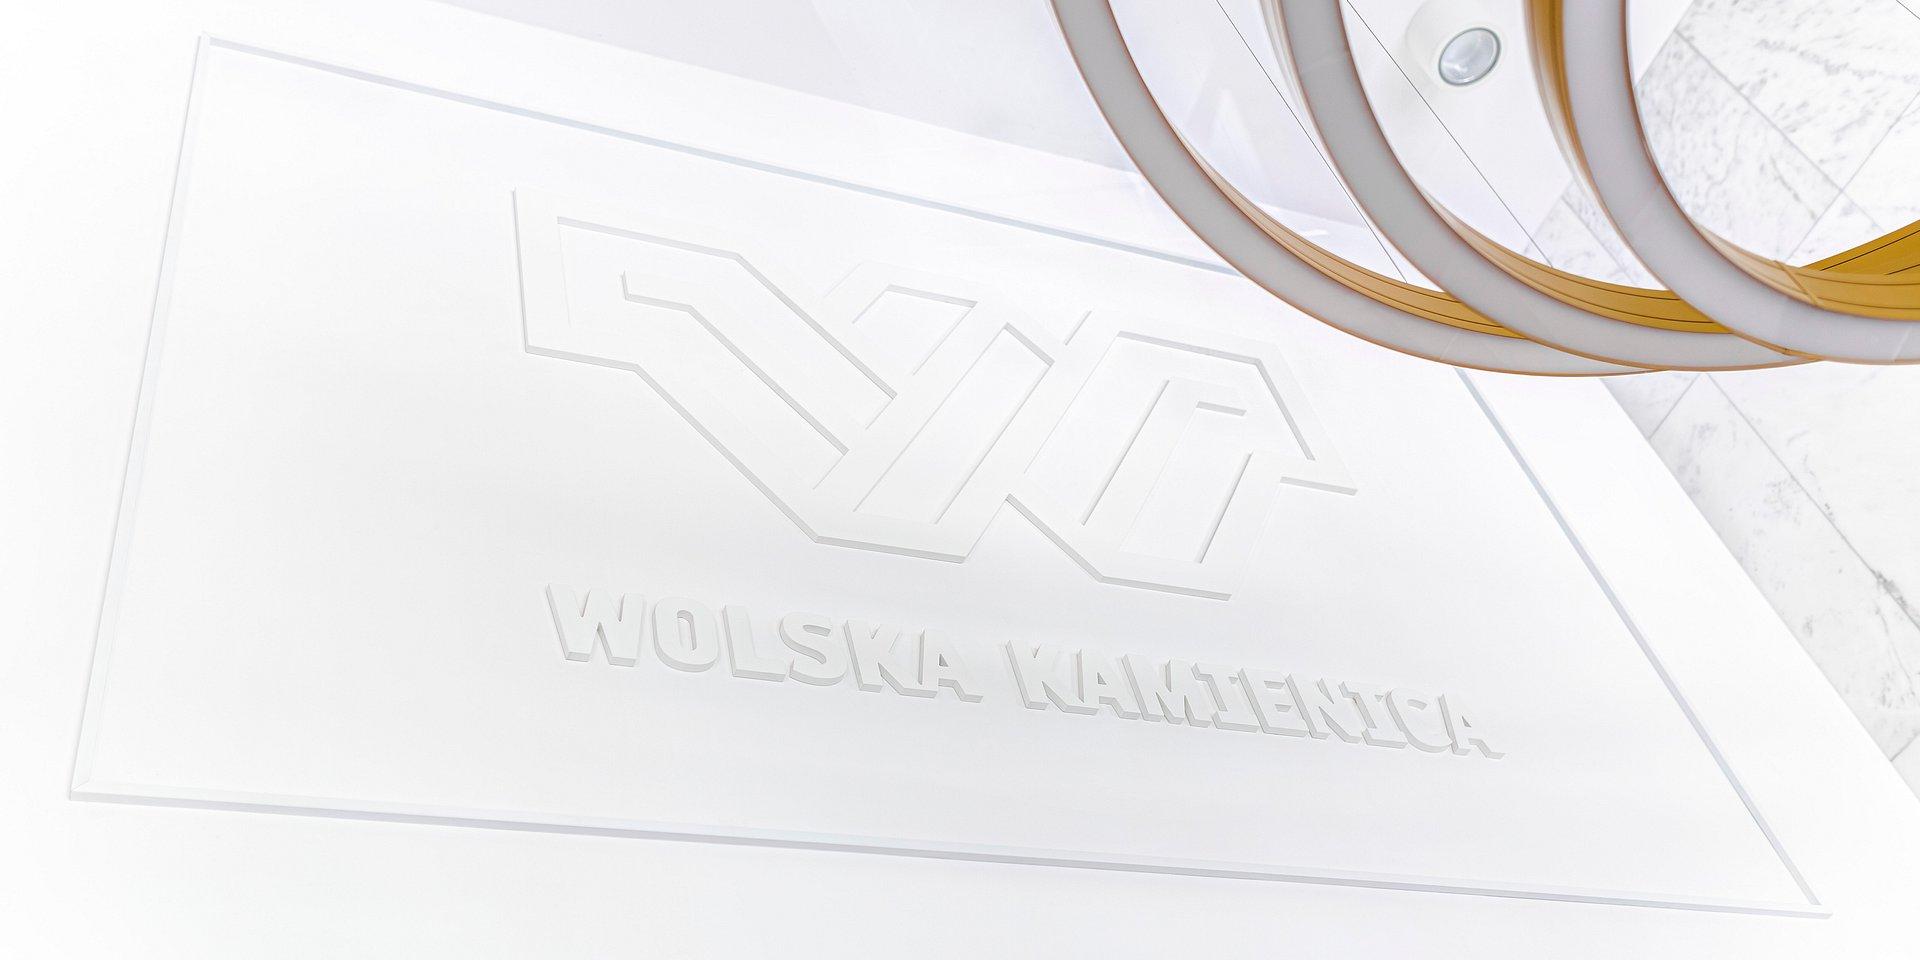 Wolska Kamienica – w duchu architektury dawnej Warszawy